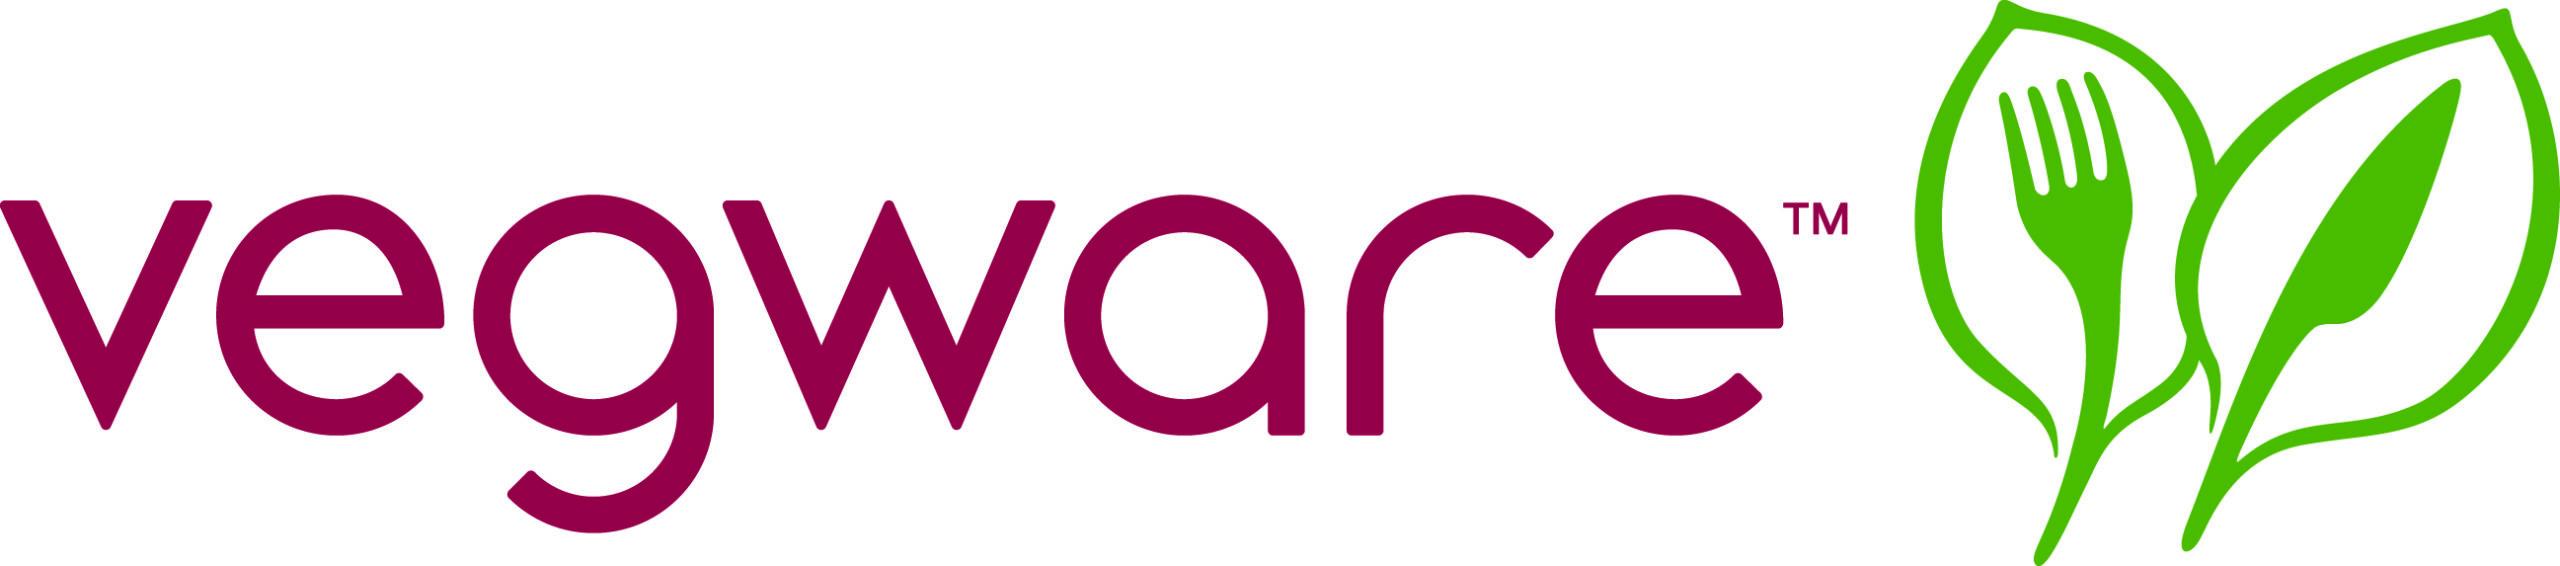 vegware_logo_master_abbreviated